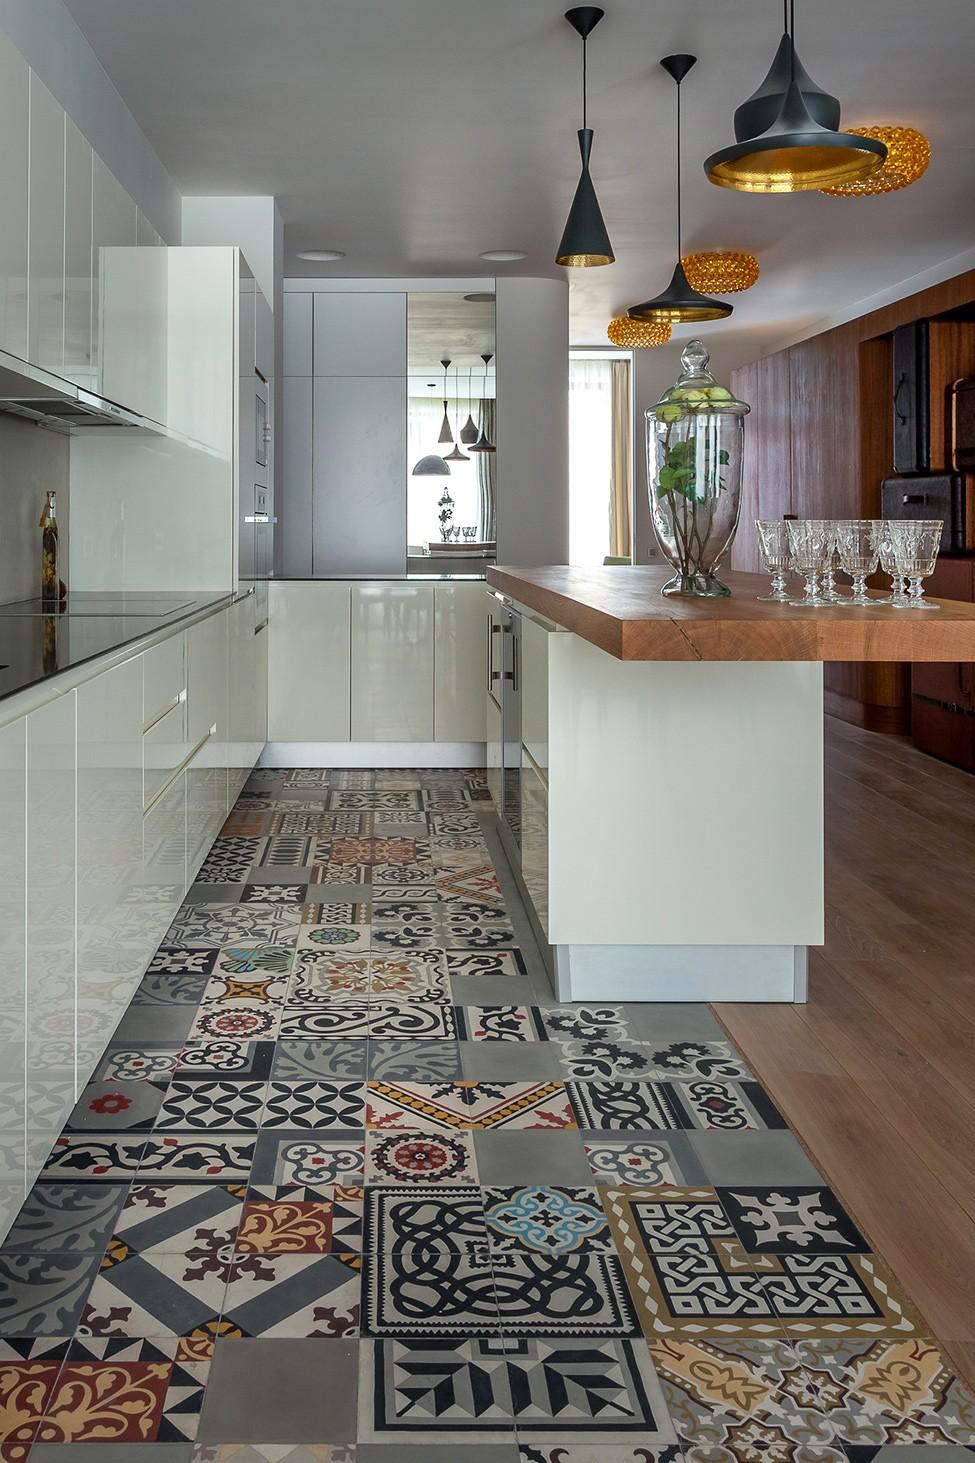 Wir kreieren in der Küche ein Bodendesign mit Keramikfliesen